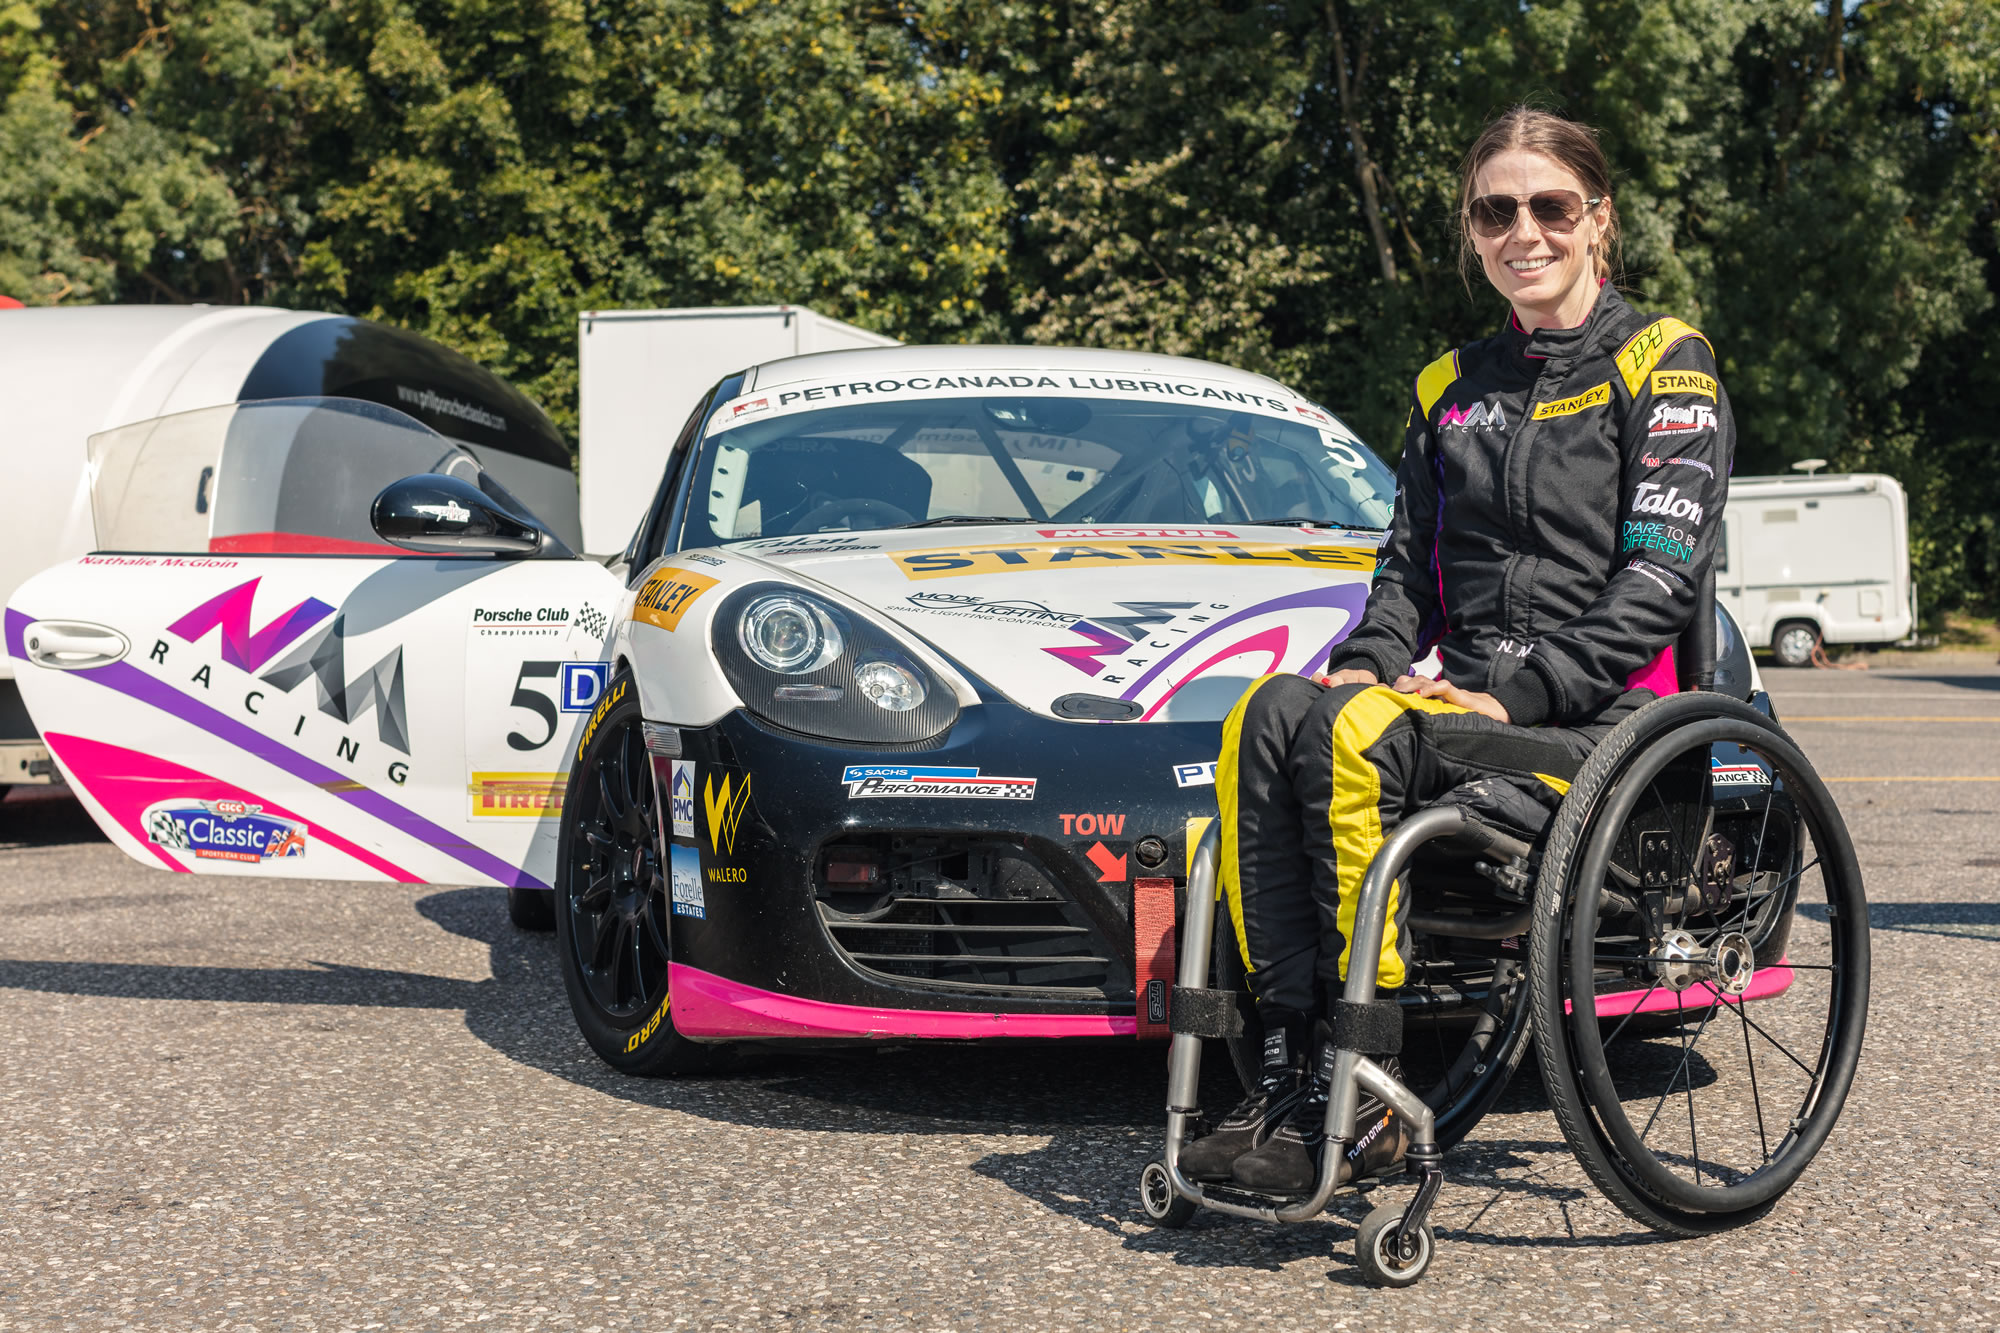 Nathalie McGloin at Brands Hatch